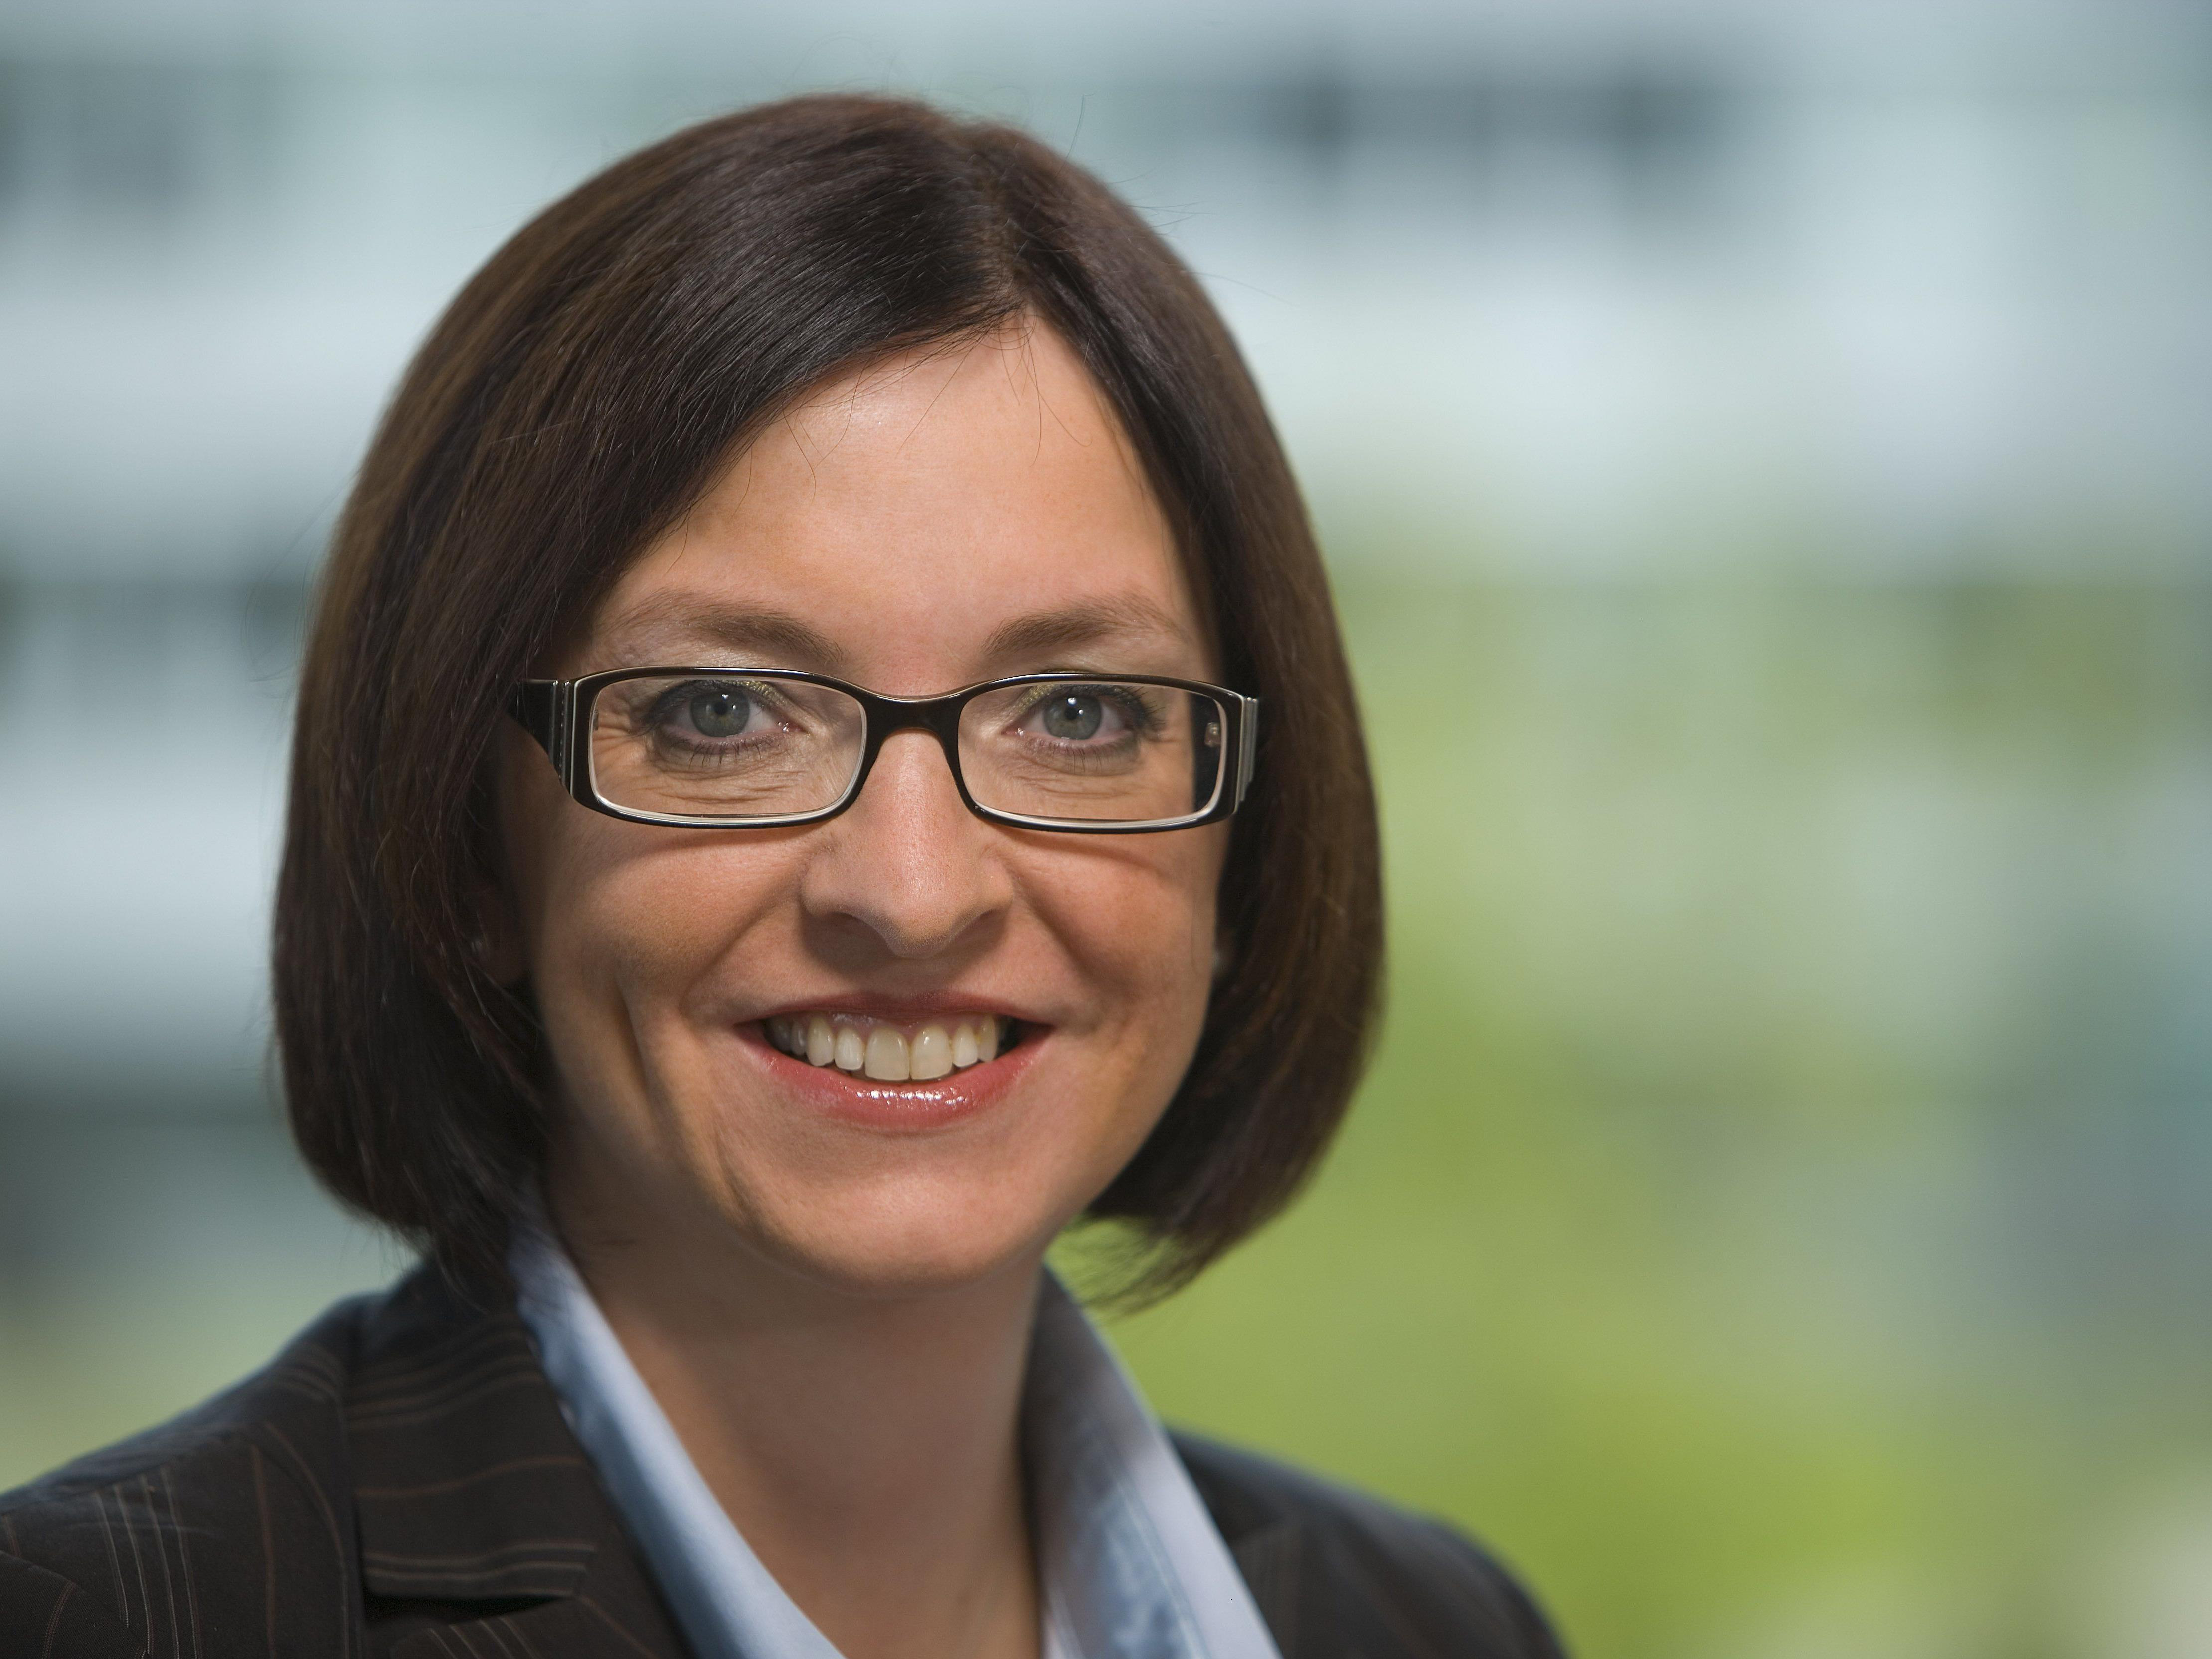 Die 44-jährige Karin Sonnenmoser ist die neue Finanzchefin der Zumtobel AG.